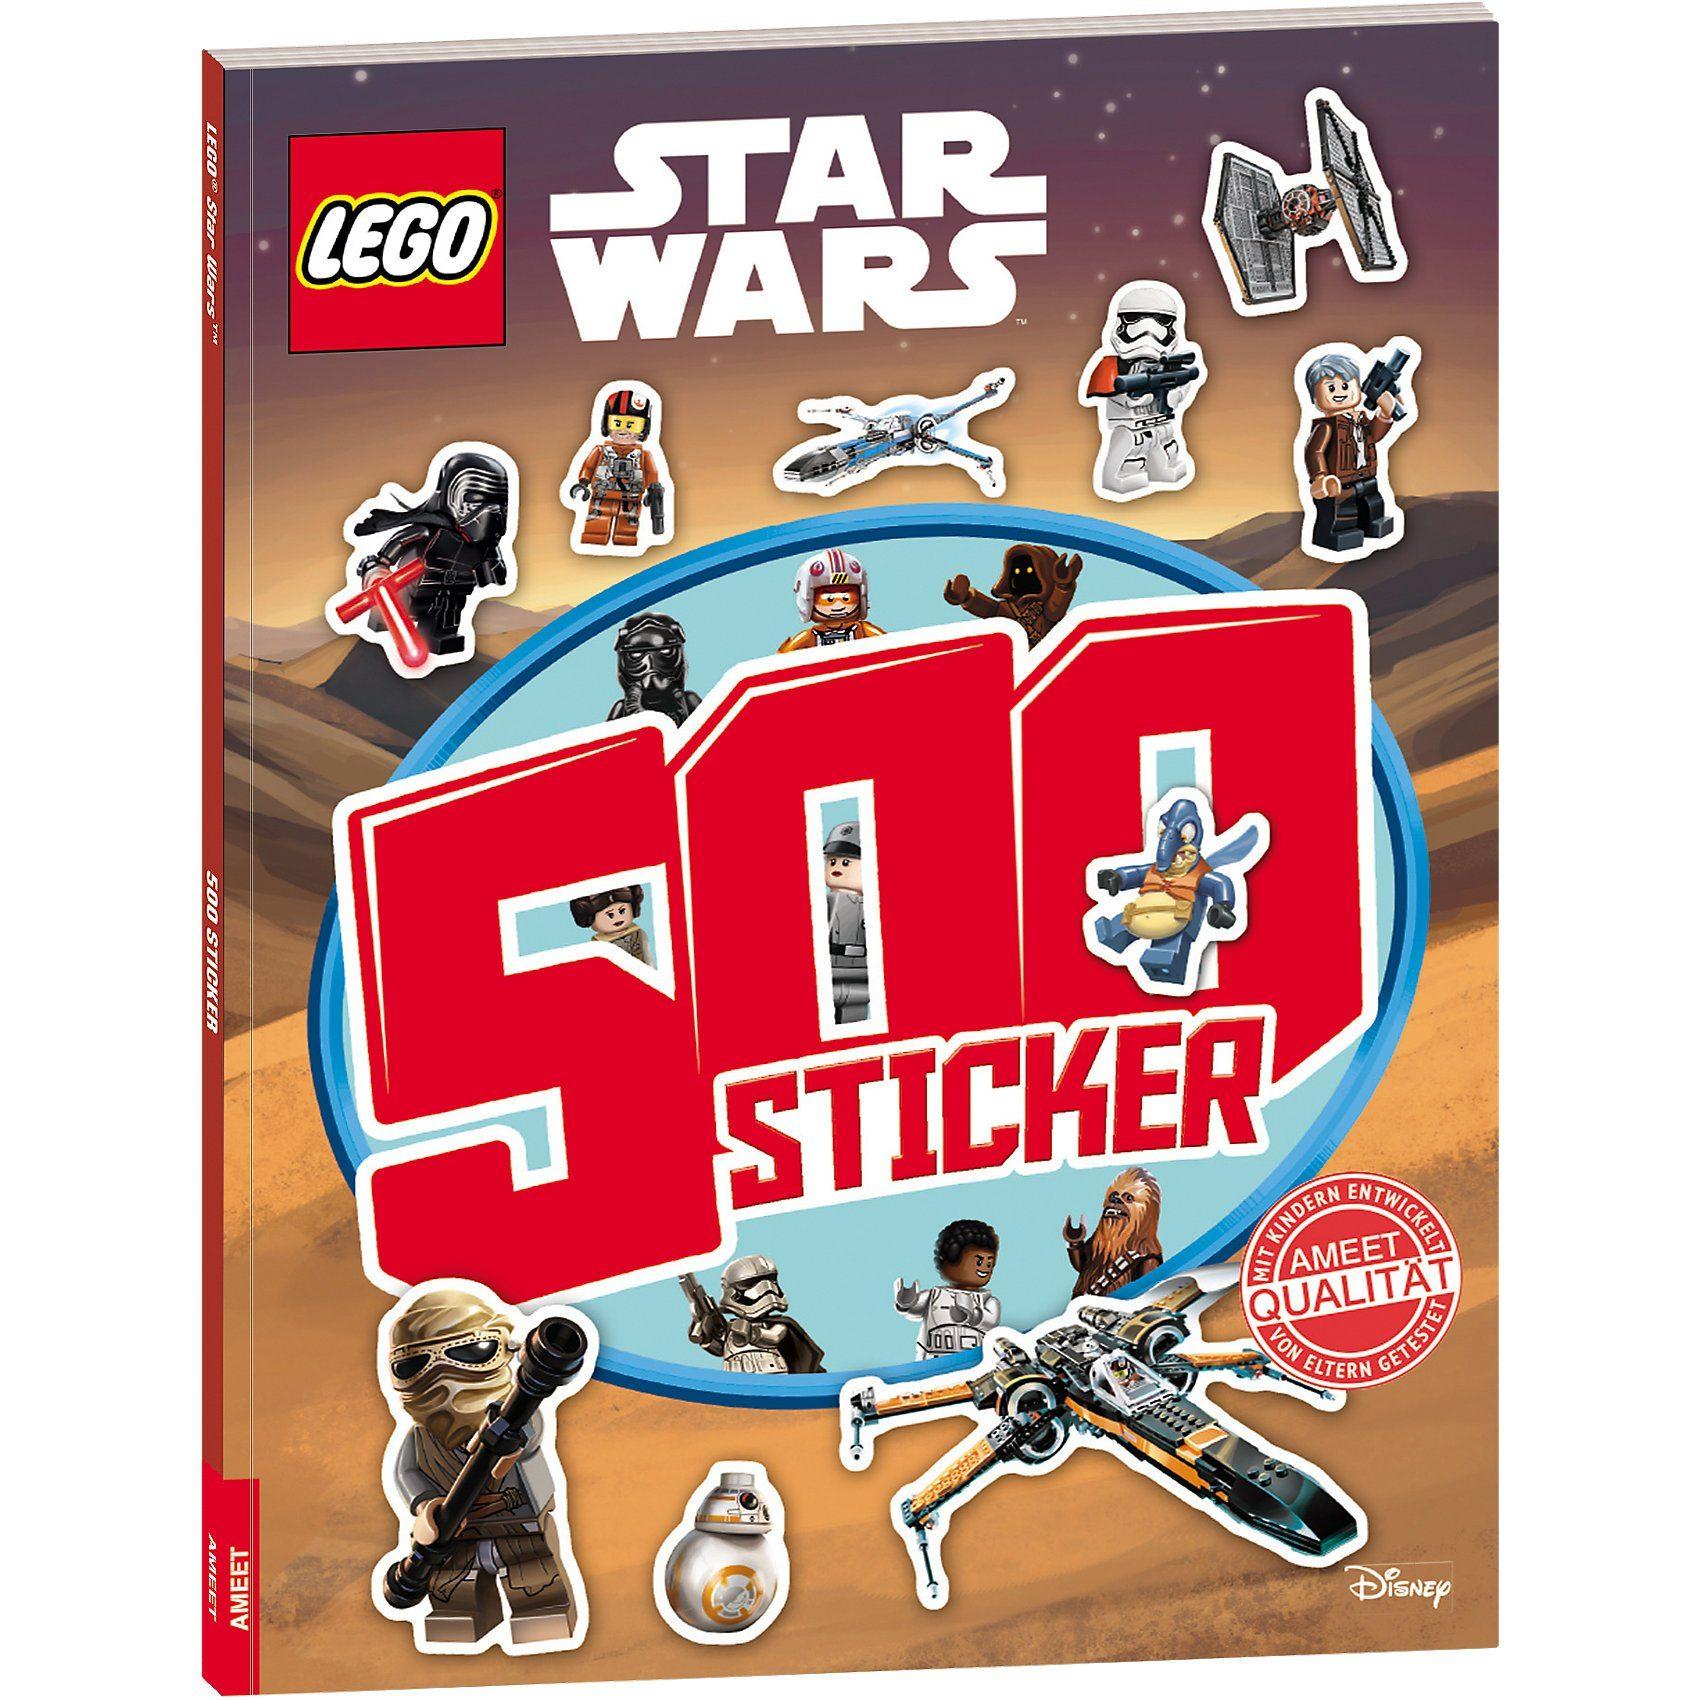 AMEET Verlag LEGO Star Wars: 500 Sticker